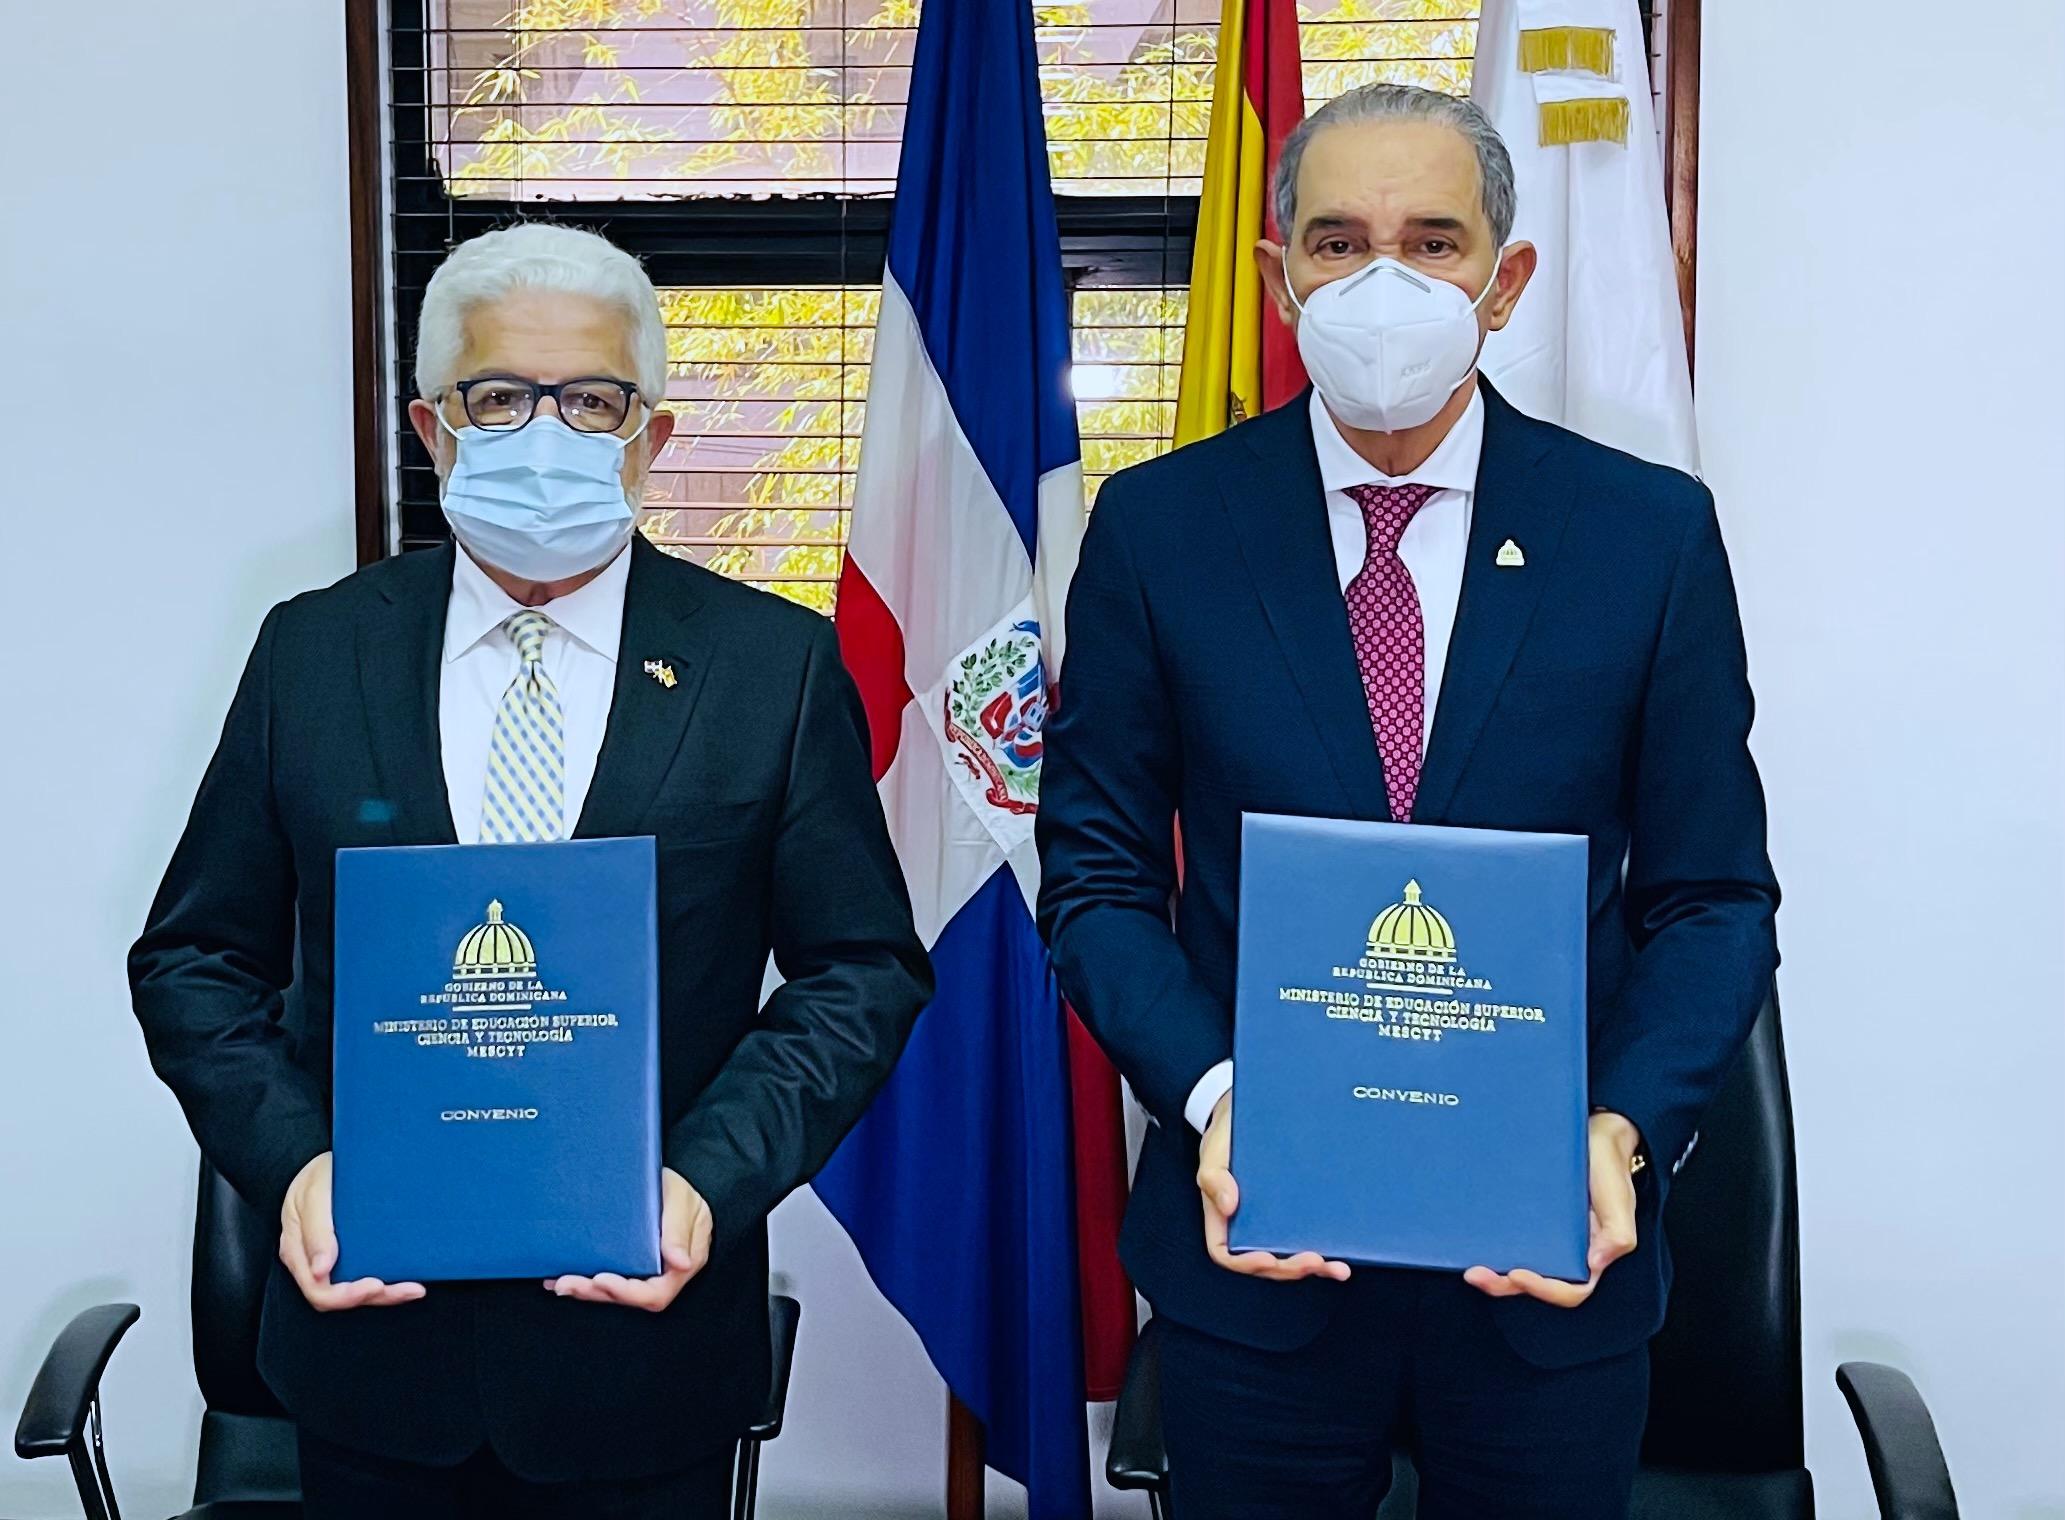 Angel Baliño-Presidente de CAMACOES y Franklin García Fermín- Ministro del MESCYT, durante y luego de la firma del acuerdo interinstitucional.